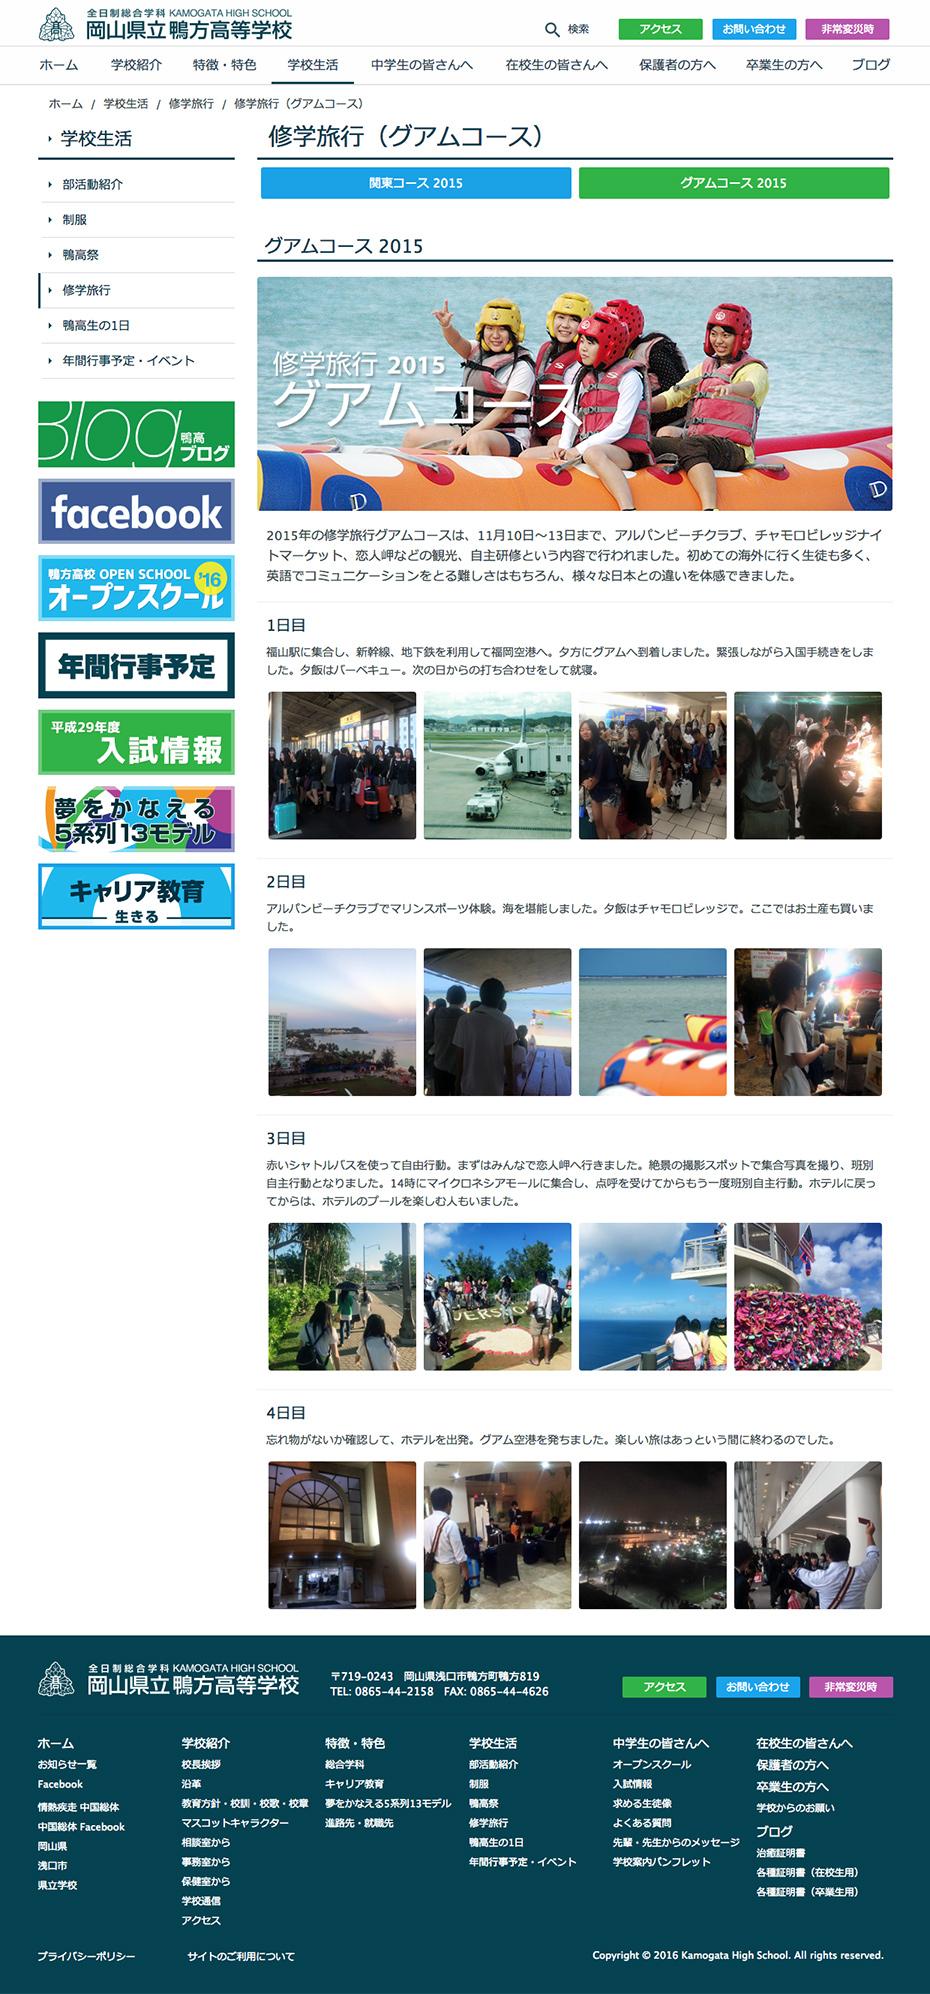 岡山県立鴨方高等学校様 ホームページ 修学旅行 グアムコース